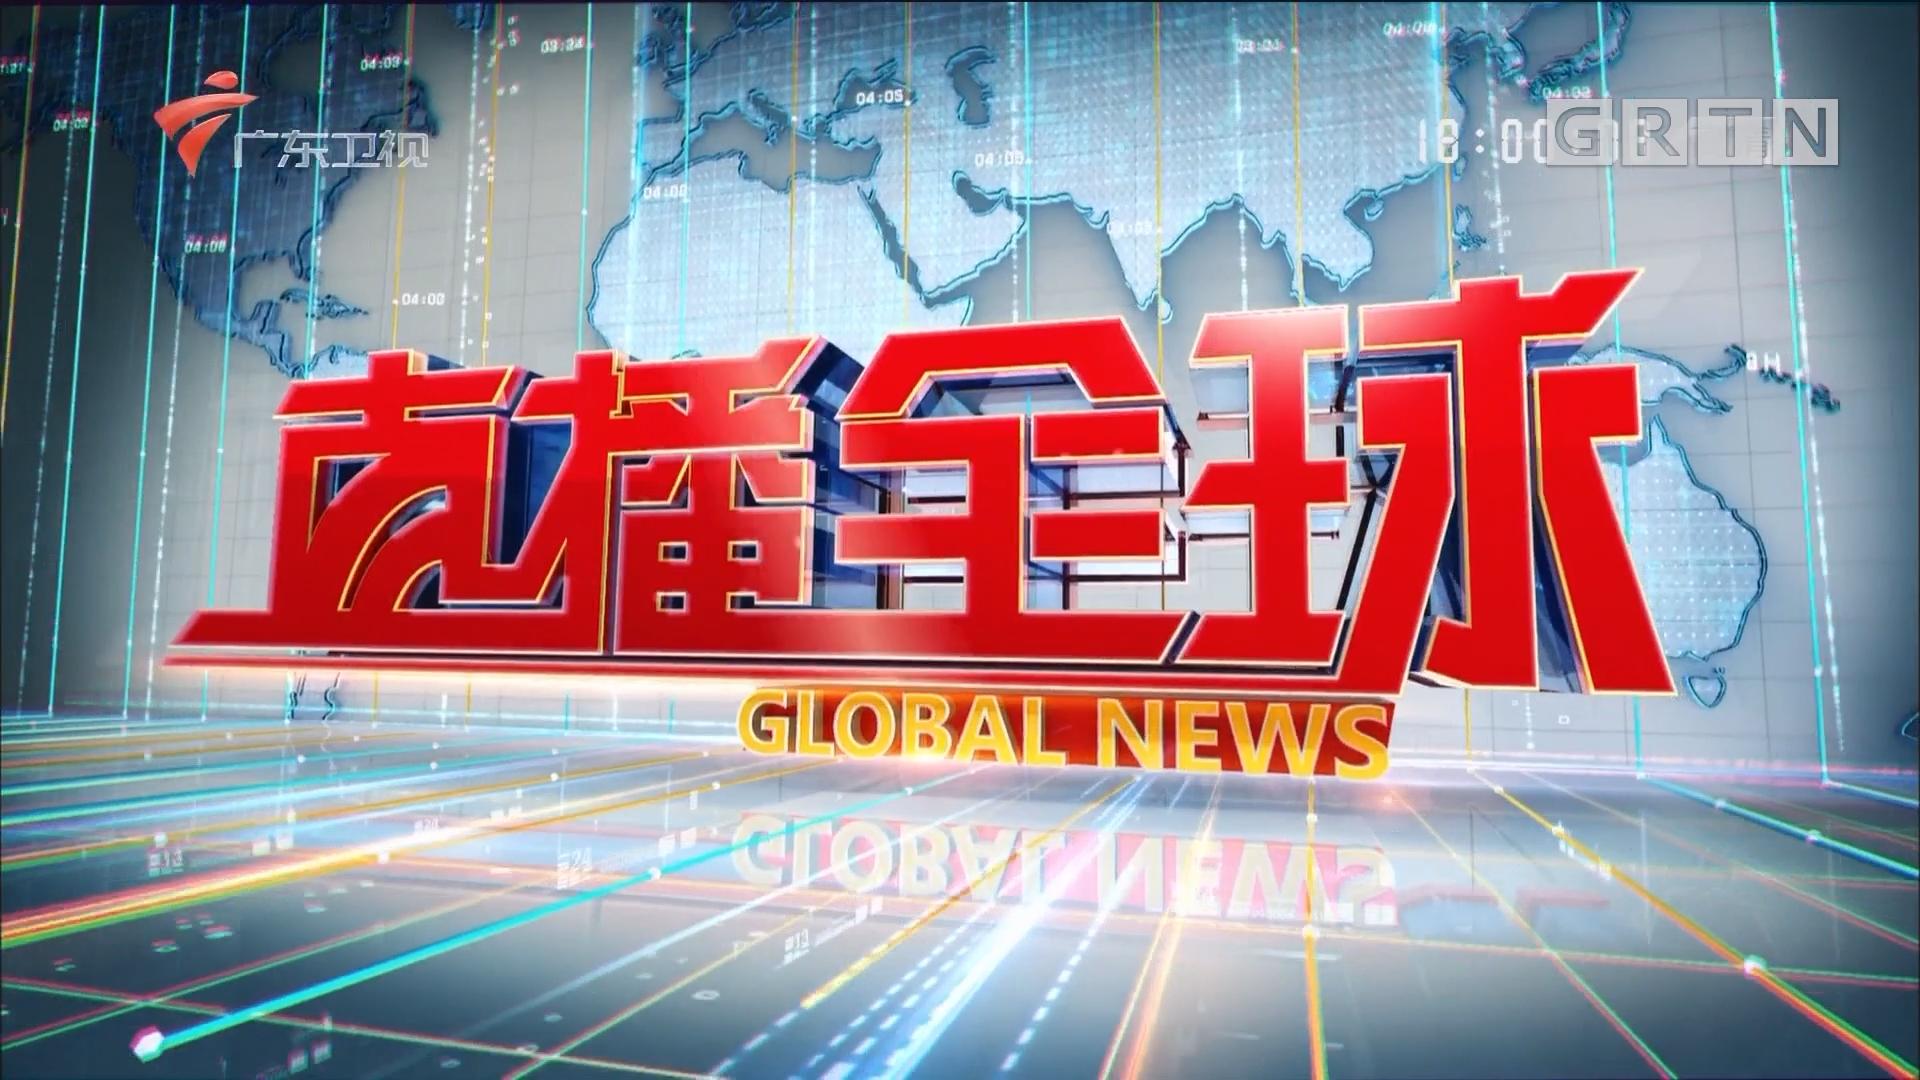 [HD][2017-11-15]直播全球:安倍称将把中日关系提高到新阶段 习近平会见安倍晋三:以建设性方式妥善管控两国分歧